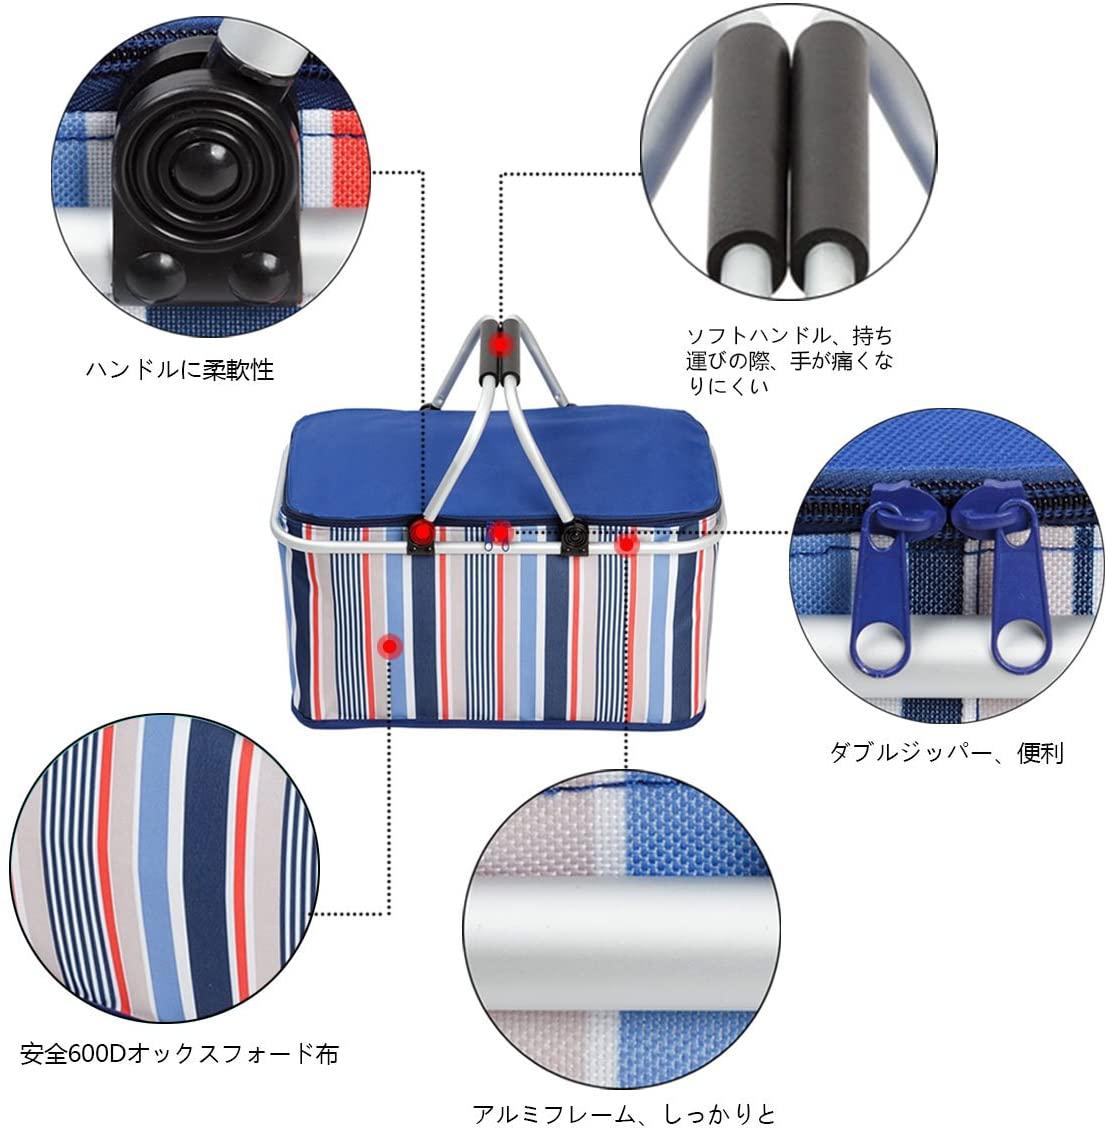 NATUCE(ナチュス)ピクニックかご 折りたたみフルーツバスケット ブルーの商品画像4